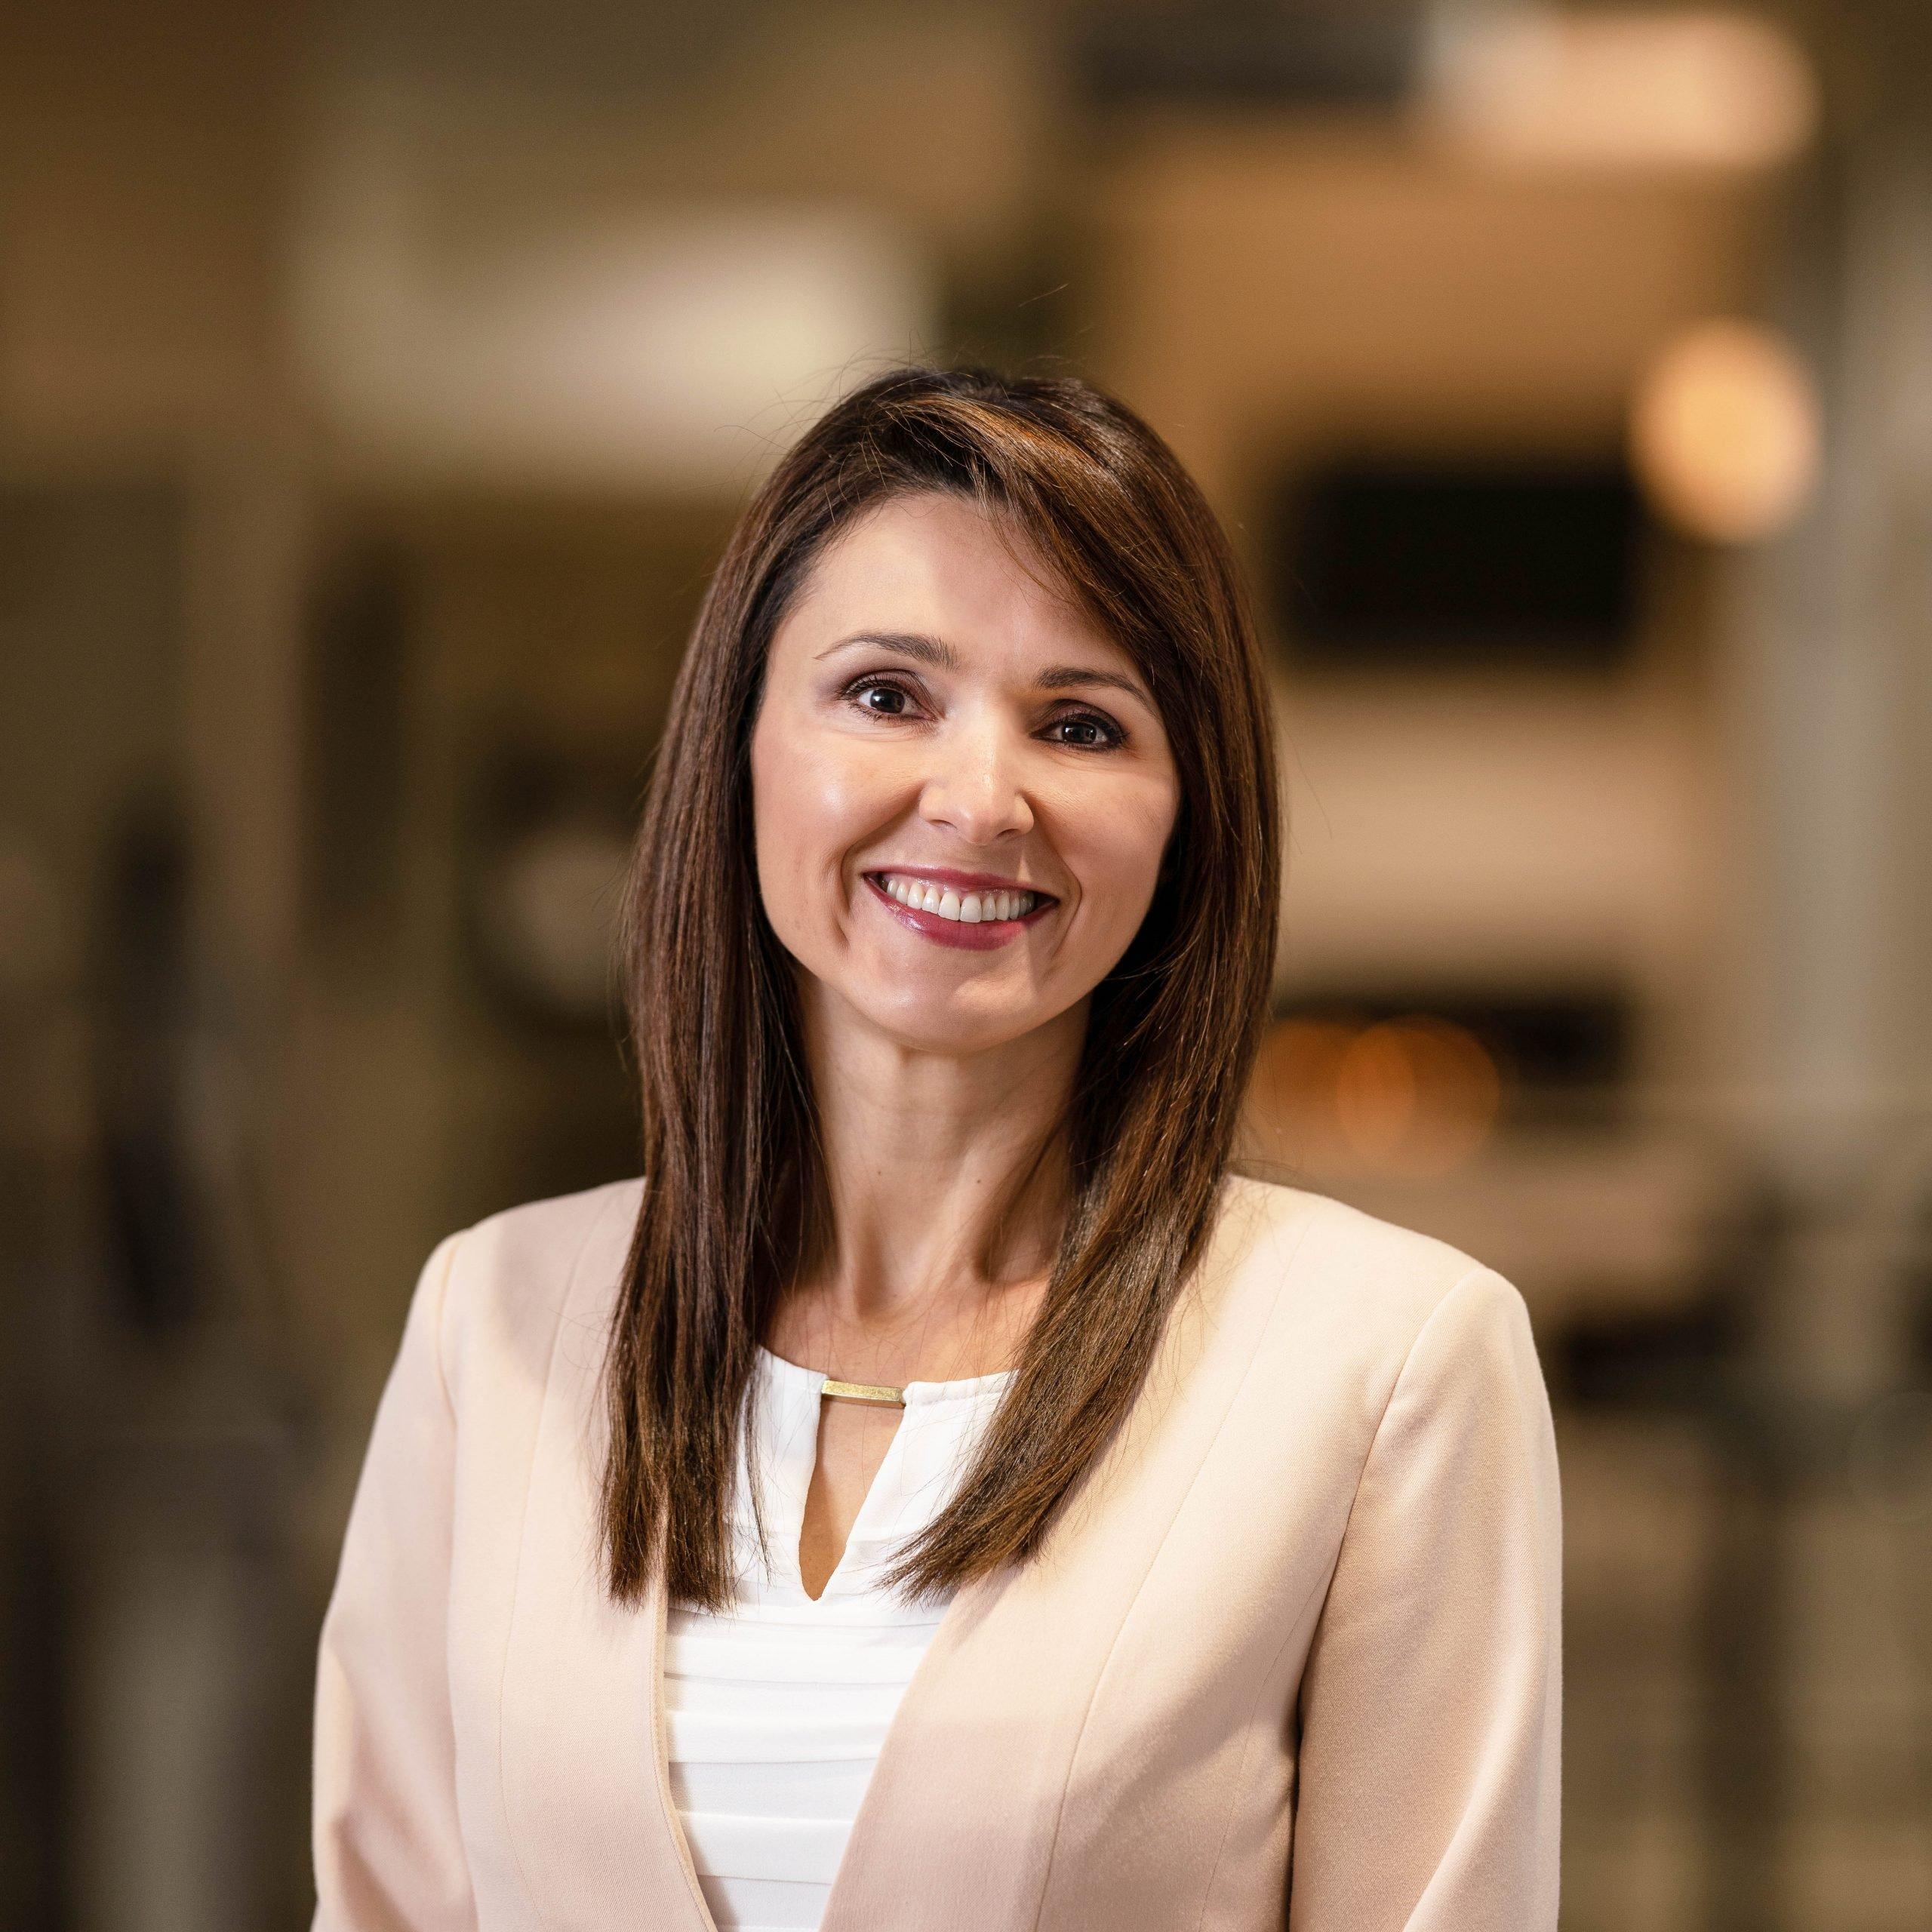 Dr. Liliya Sutherland